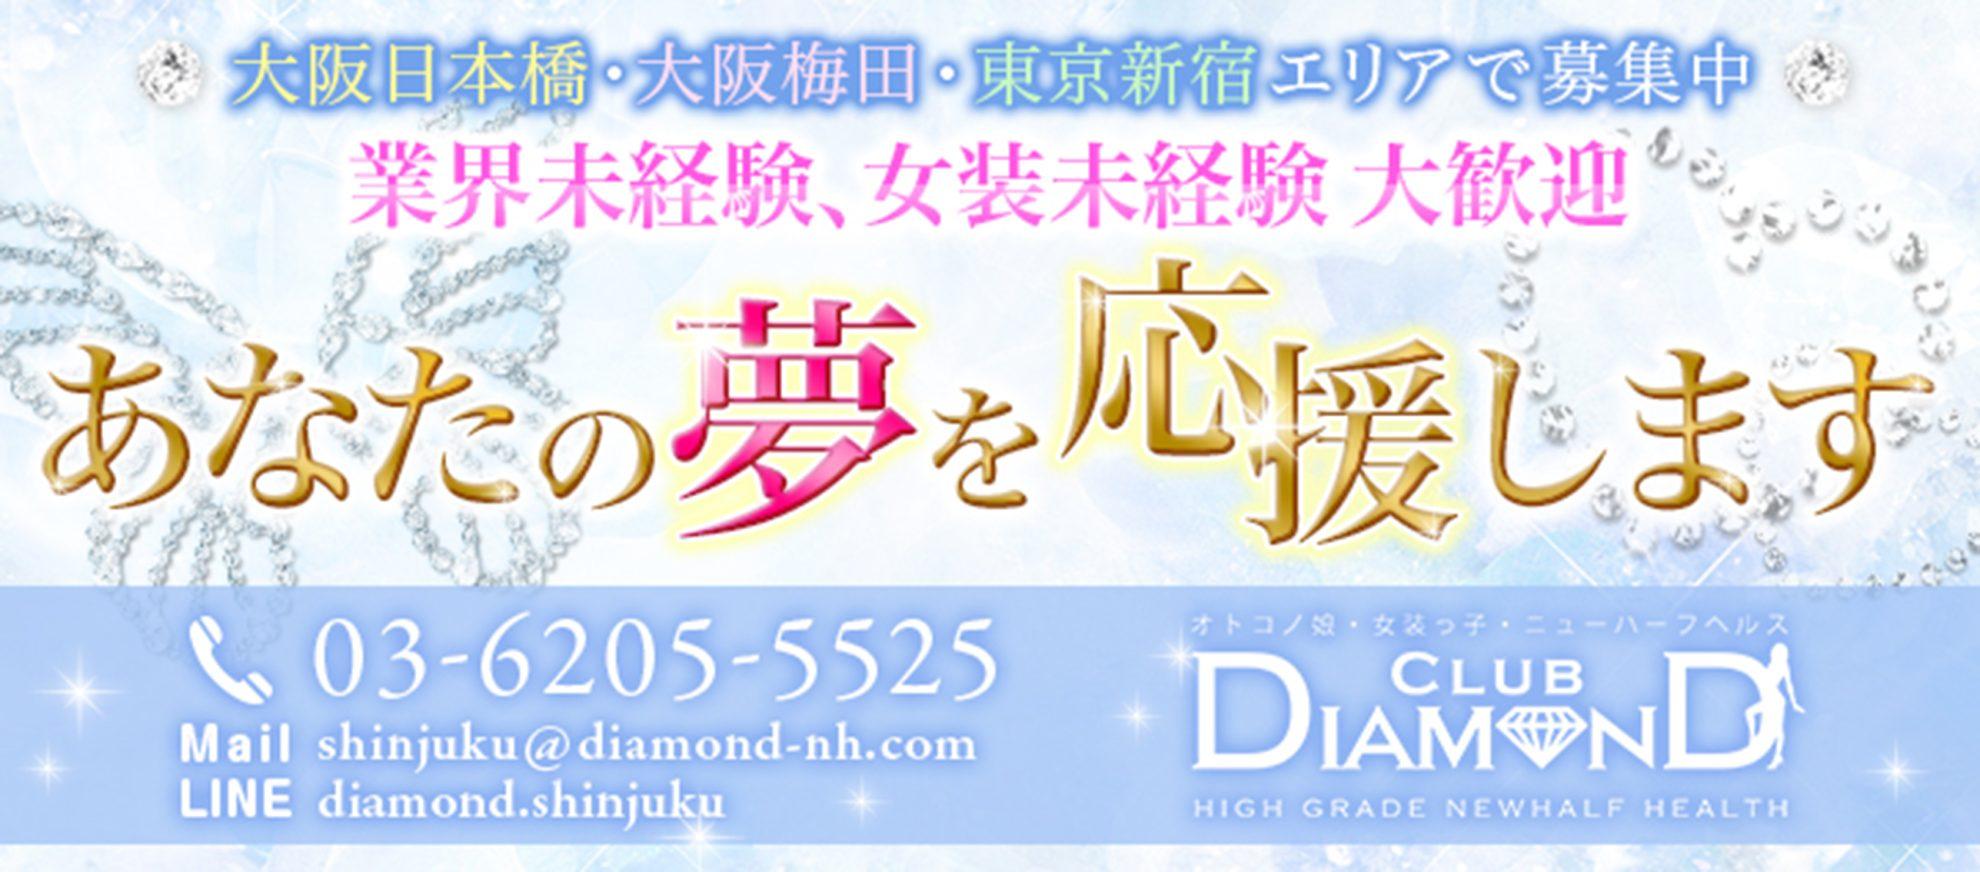 求人|大阪日本橋ニューハーフヘルスClub DIAMOND(クラブダイアモンド)